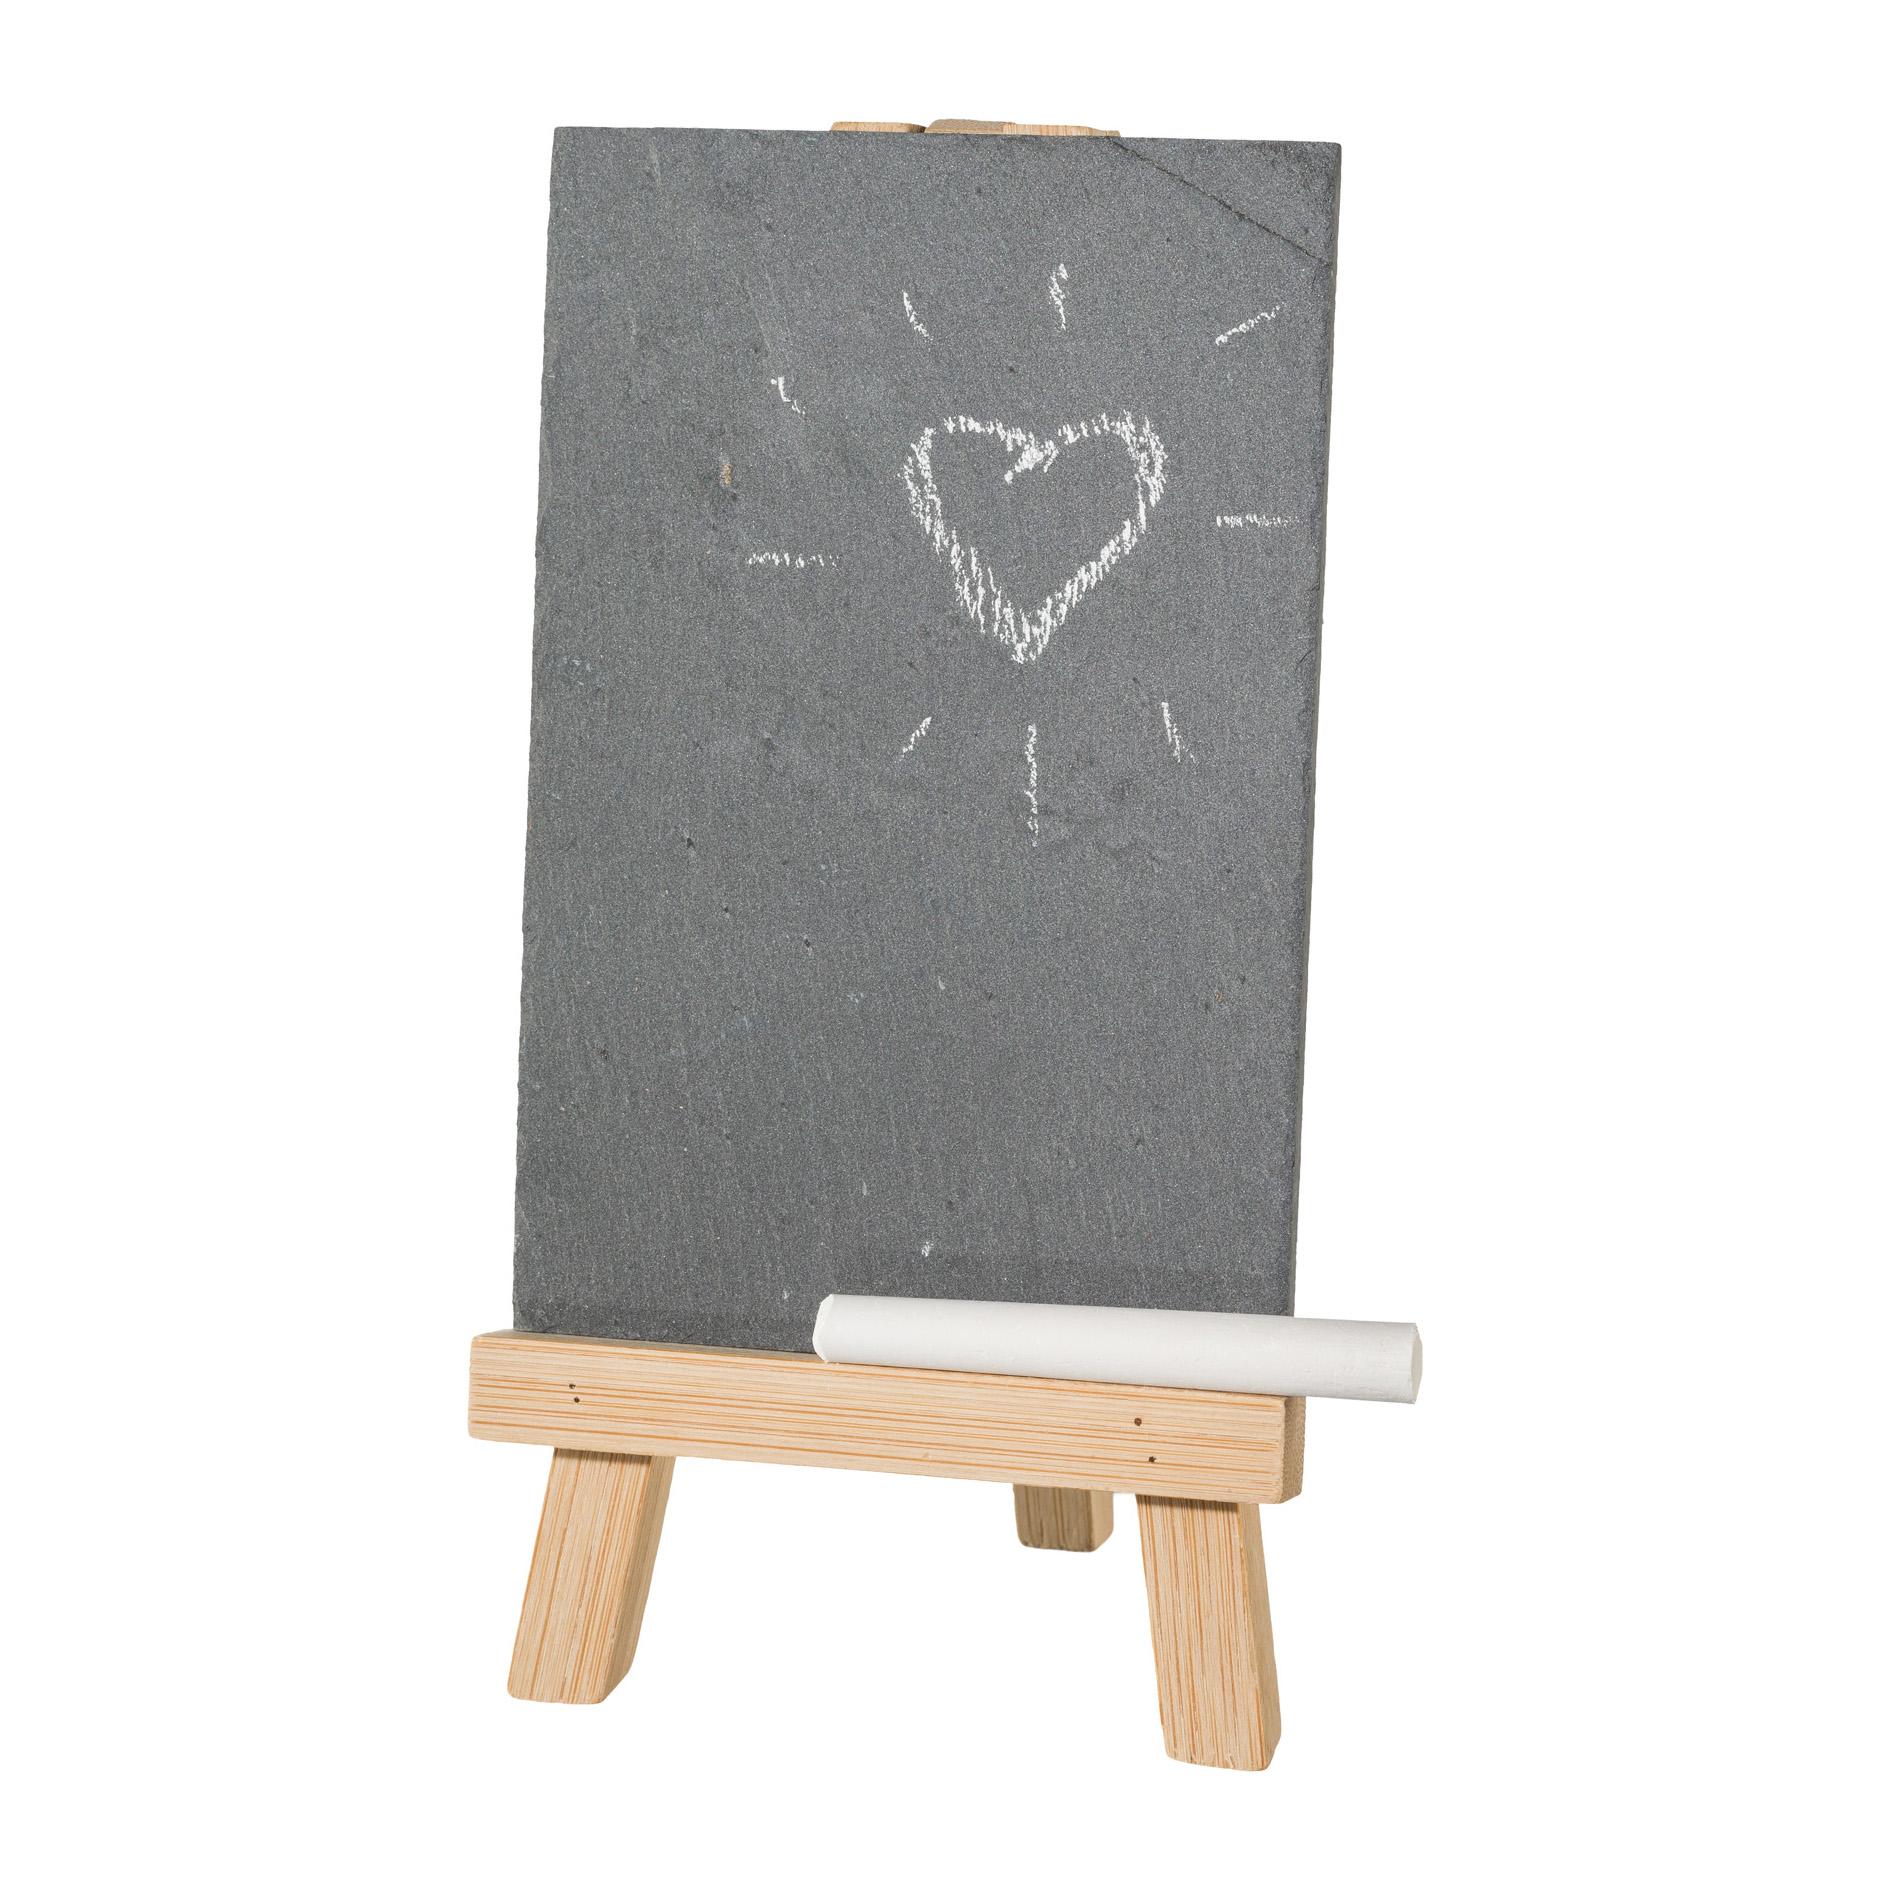 deko schild schiefertafel auf bambusstaffelei 20x10x5cm. Black Bedroom Furniture Sets. Home Design Ideas